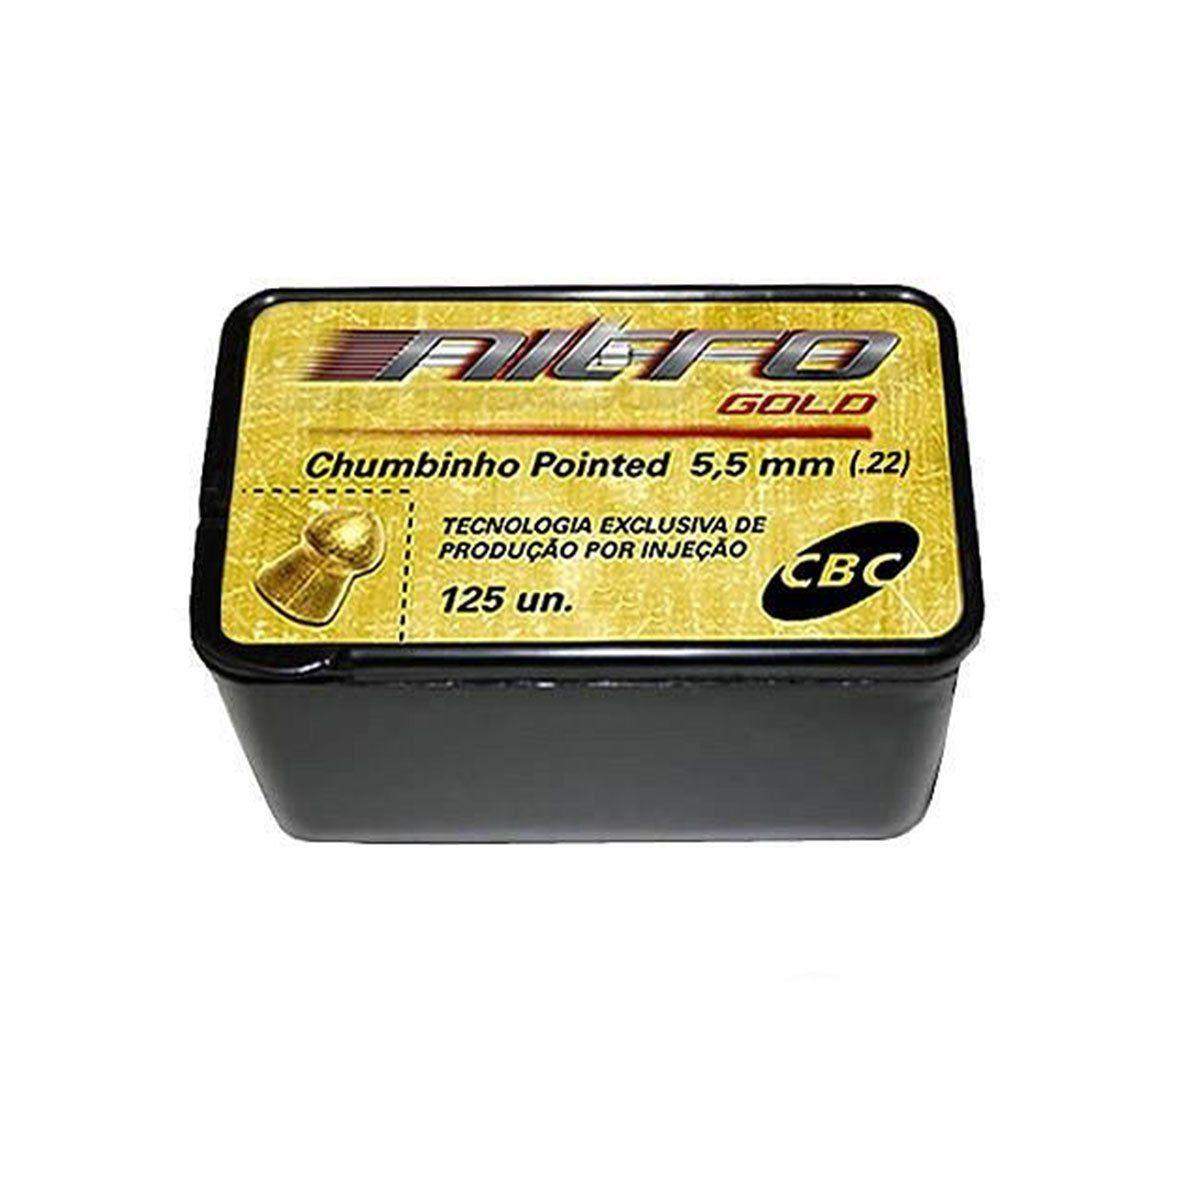 Chumbinho para Carabina Pointed Nitro Gold 5,5mm CBC 125un